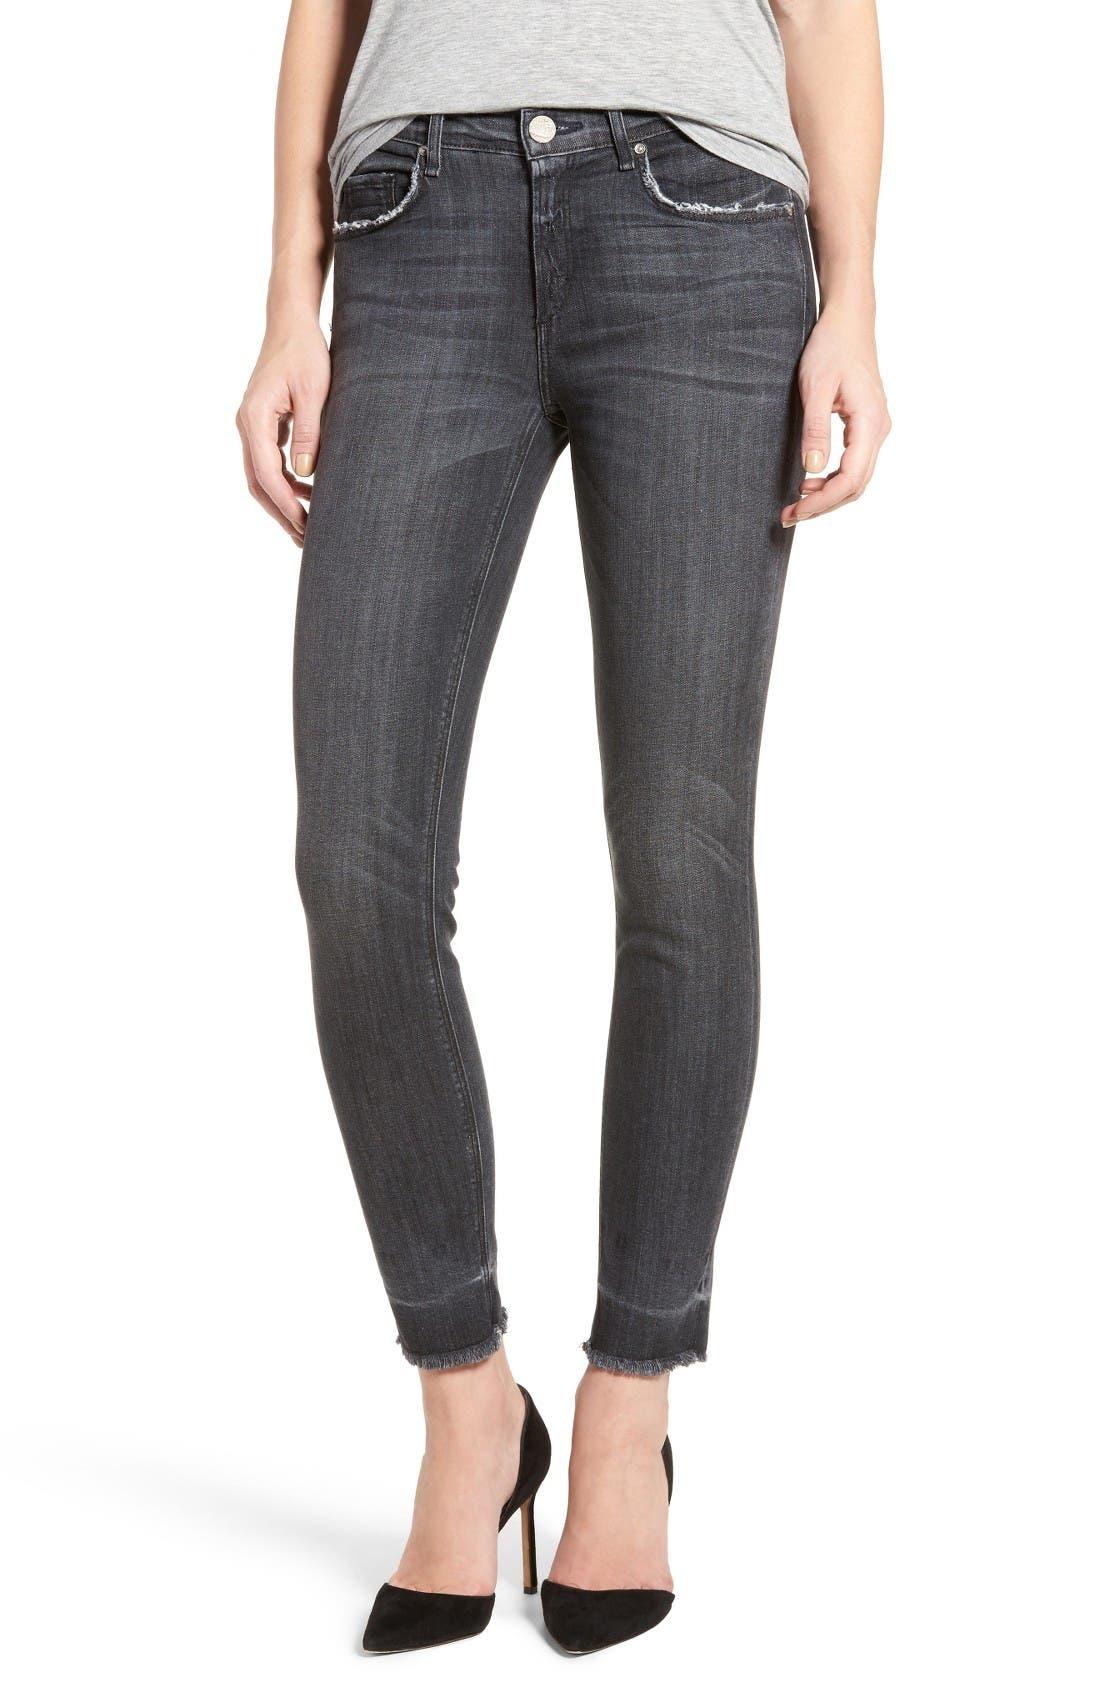 McGuire Newton Crop Vintage Skinny Jeans (Niros)